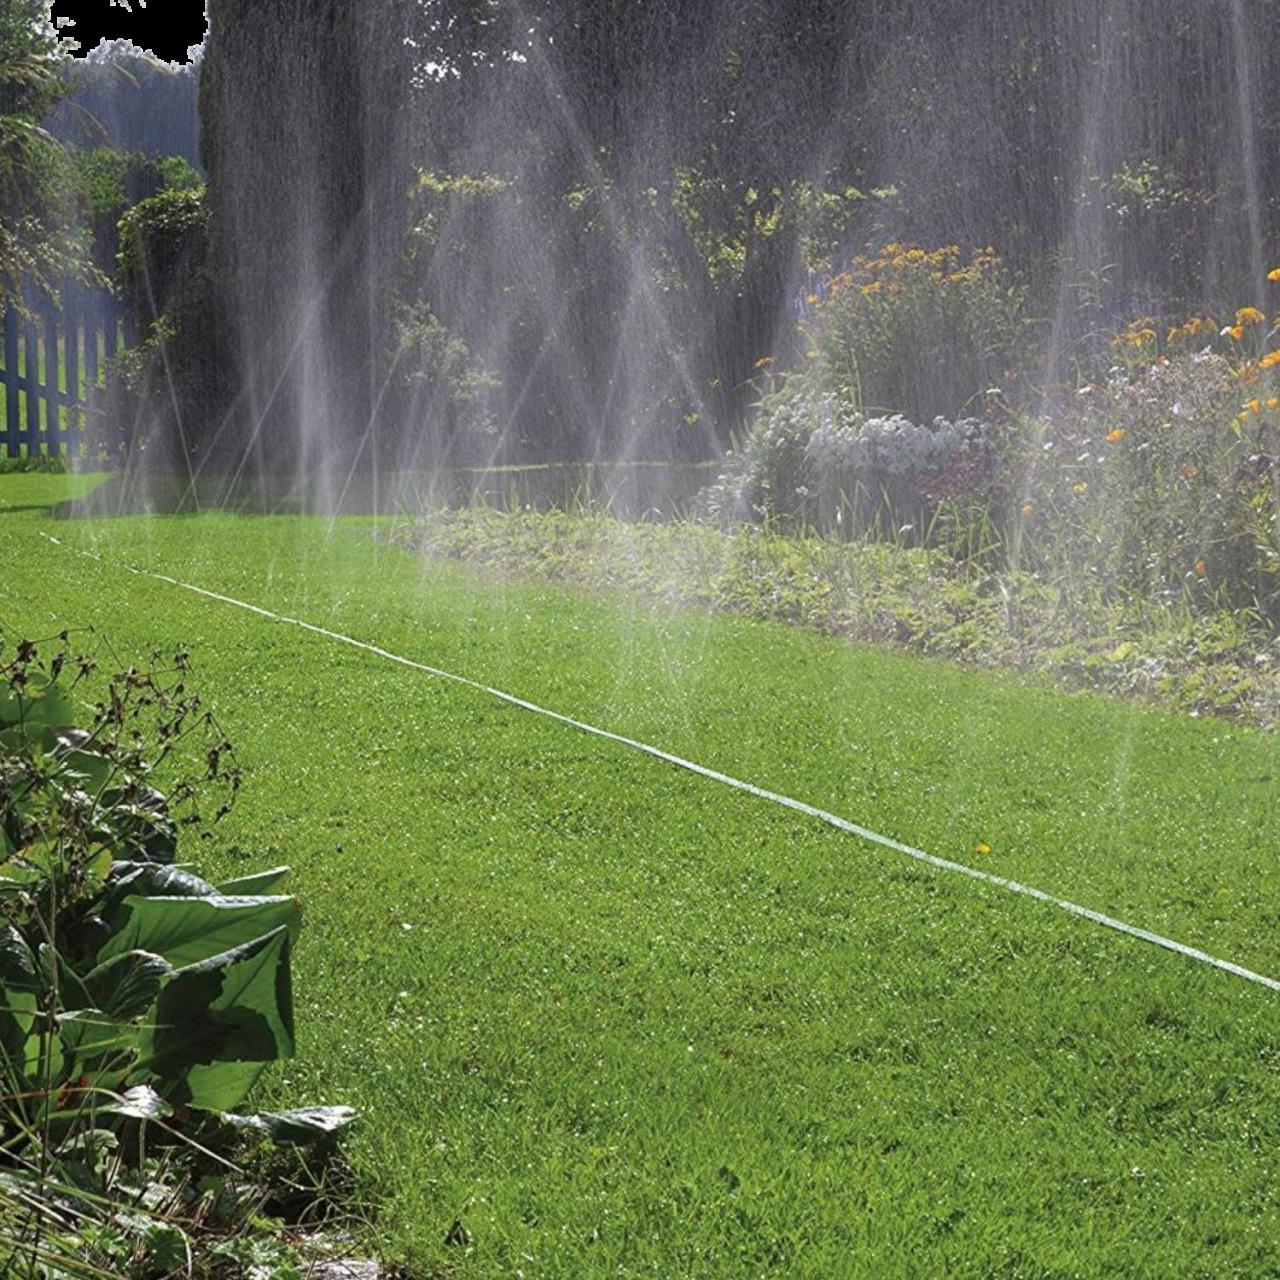 Gardena 1998-20 Schlauch-Regner Schlauch Sprühregner Bewässerung Sprenger 15m